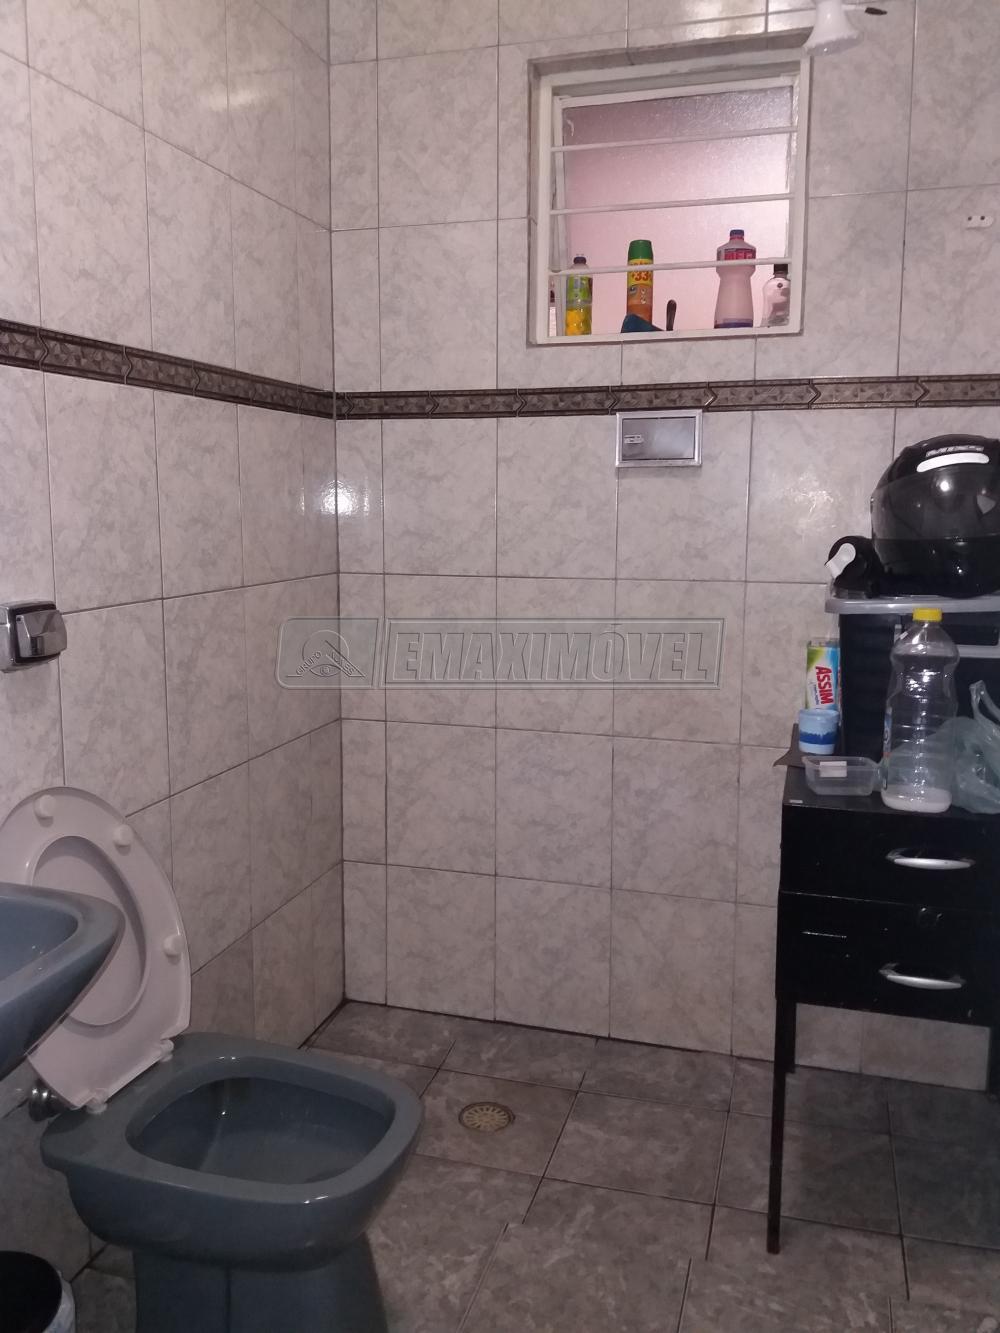 Alugar Salão Comercial / Negócios em Sorocaba R$ 1.700,00 - Foto 5